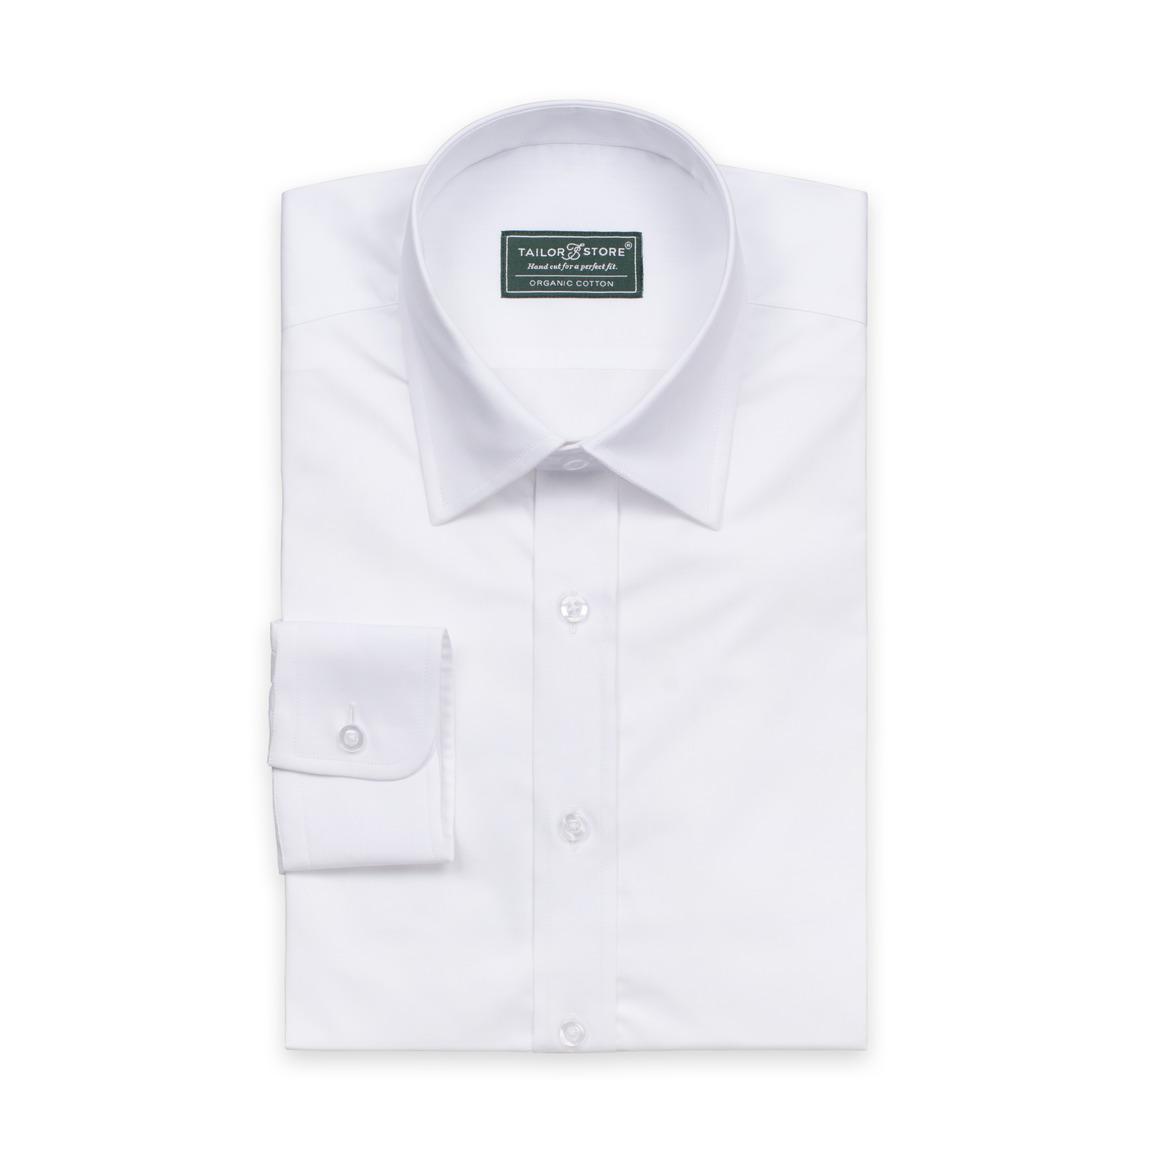 Økologisk business skjorte i glatvævet stof.